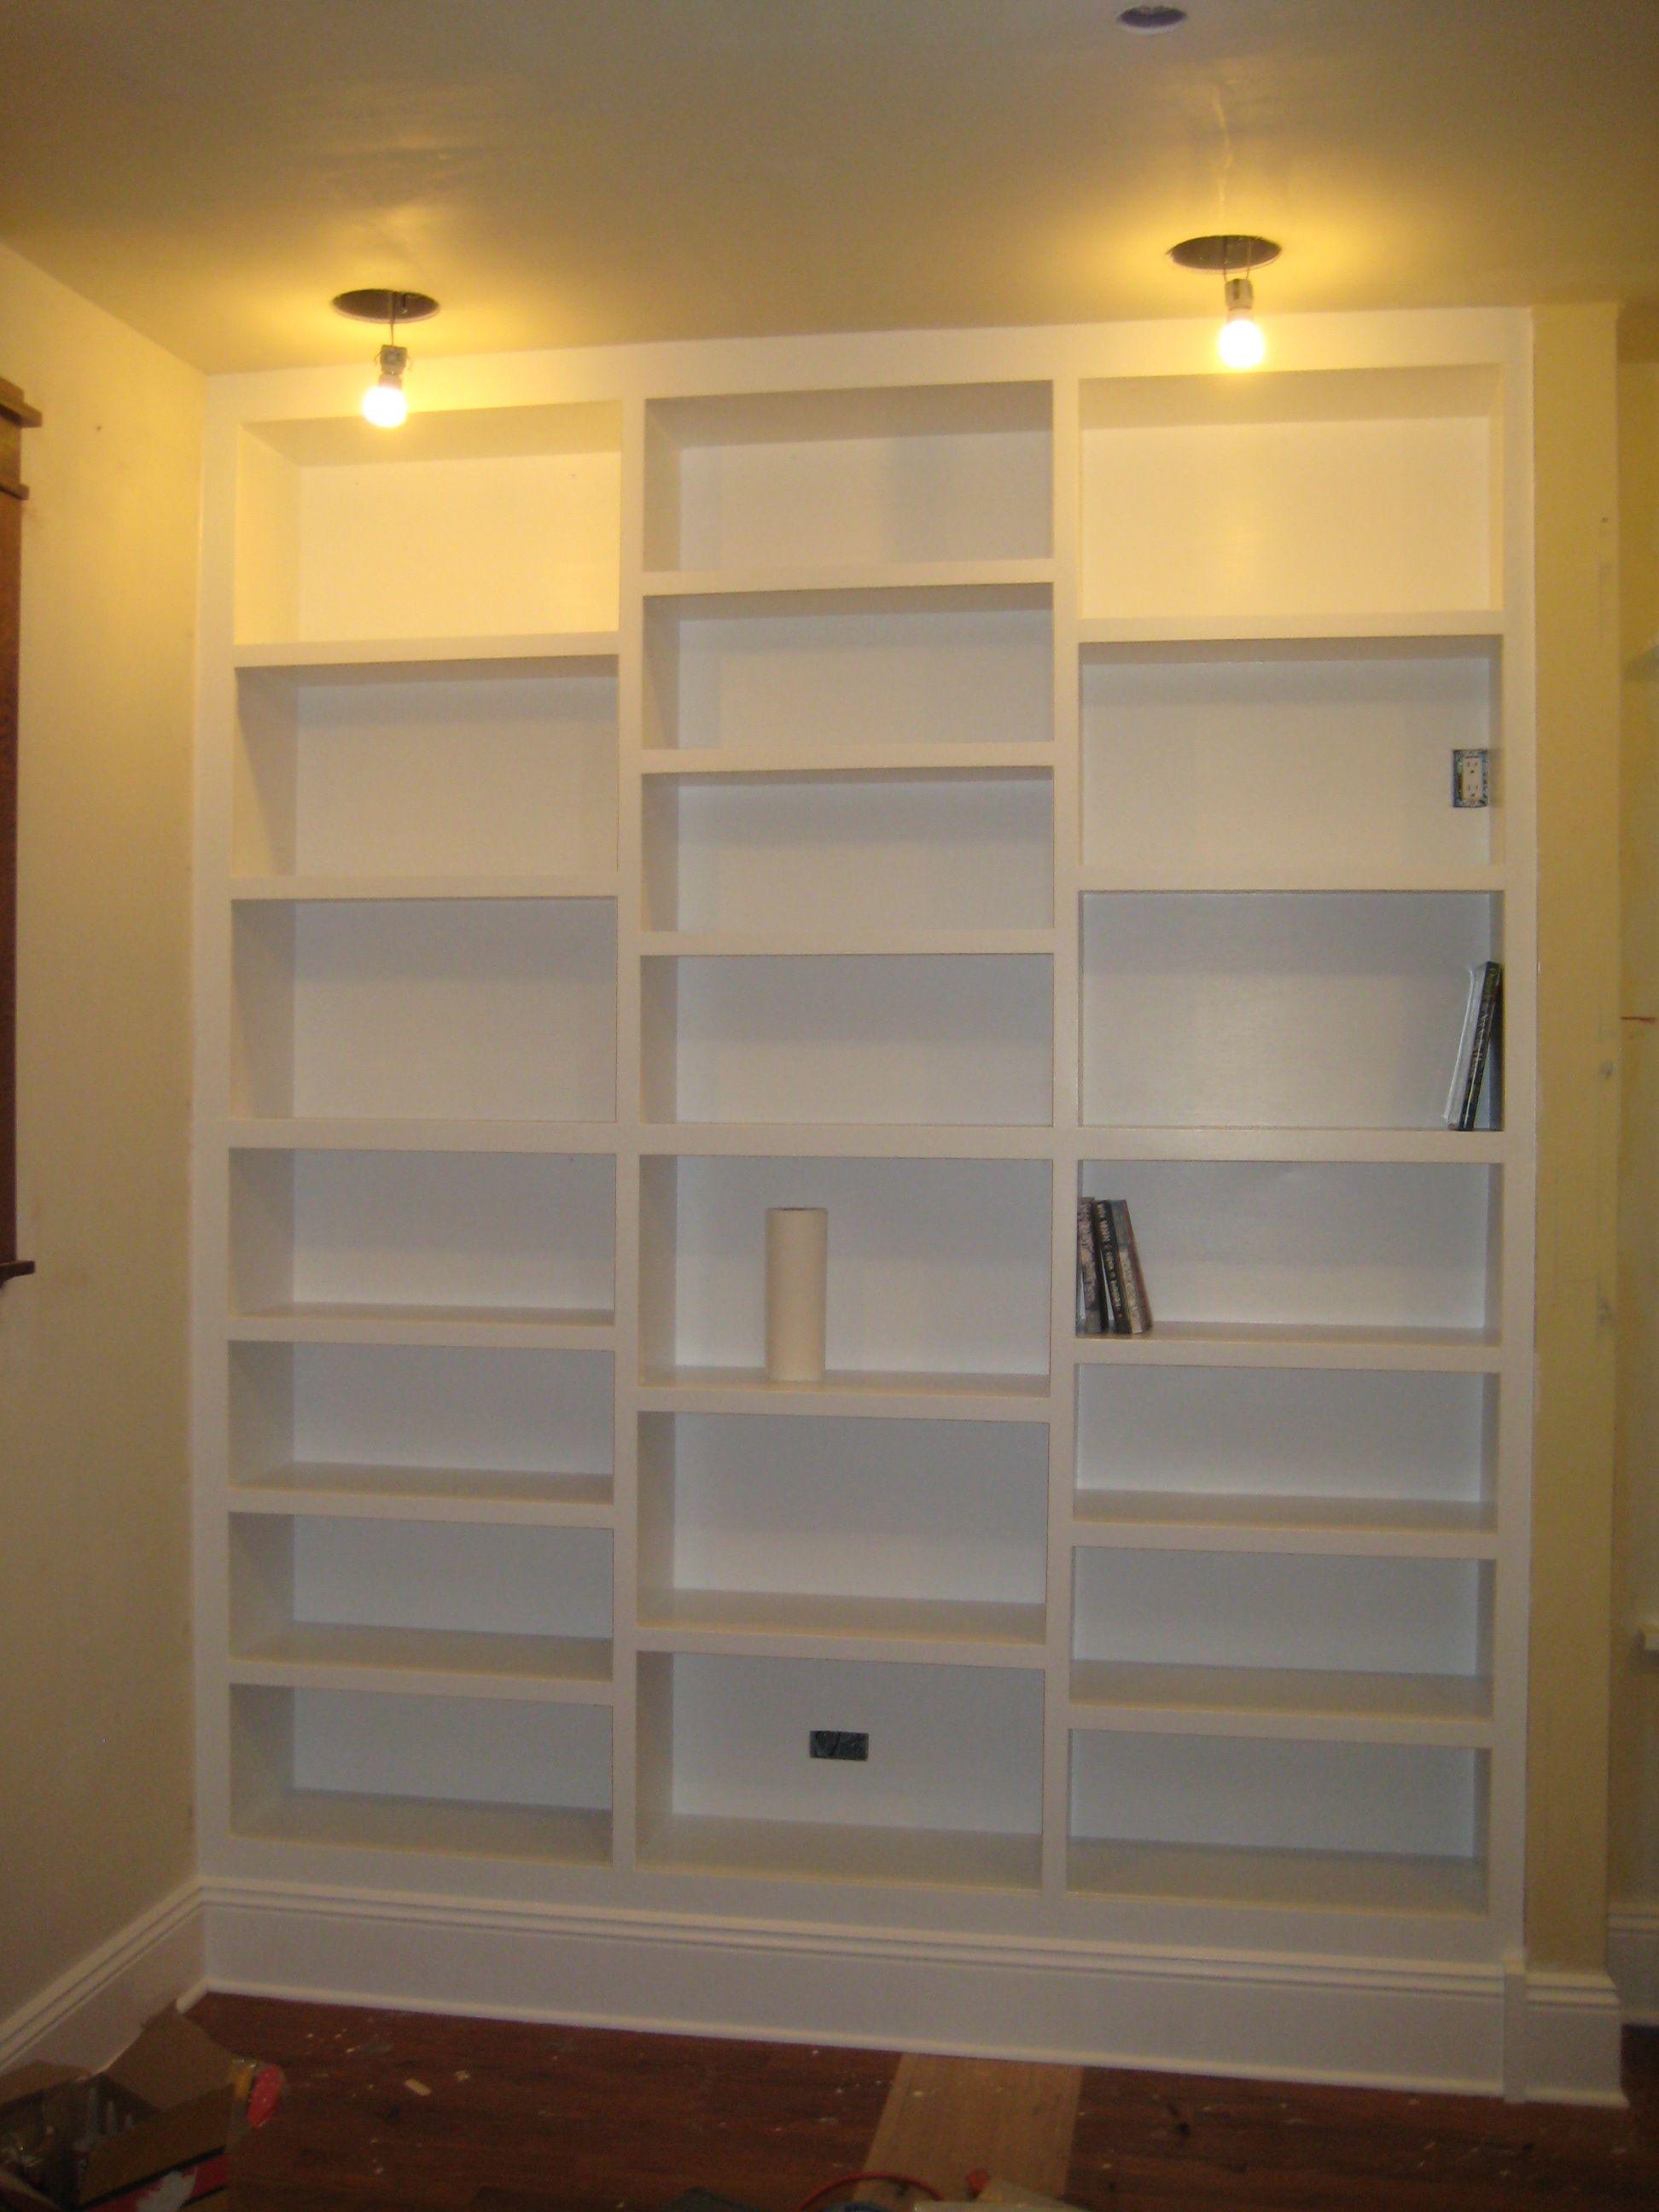 building built in bookshelves kill the kindles build a built in bookcase - Building Built In Bookshelves